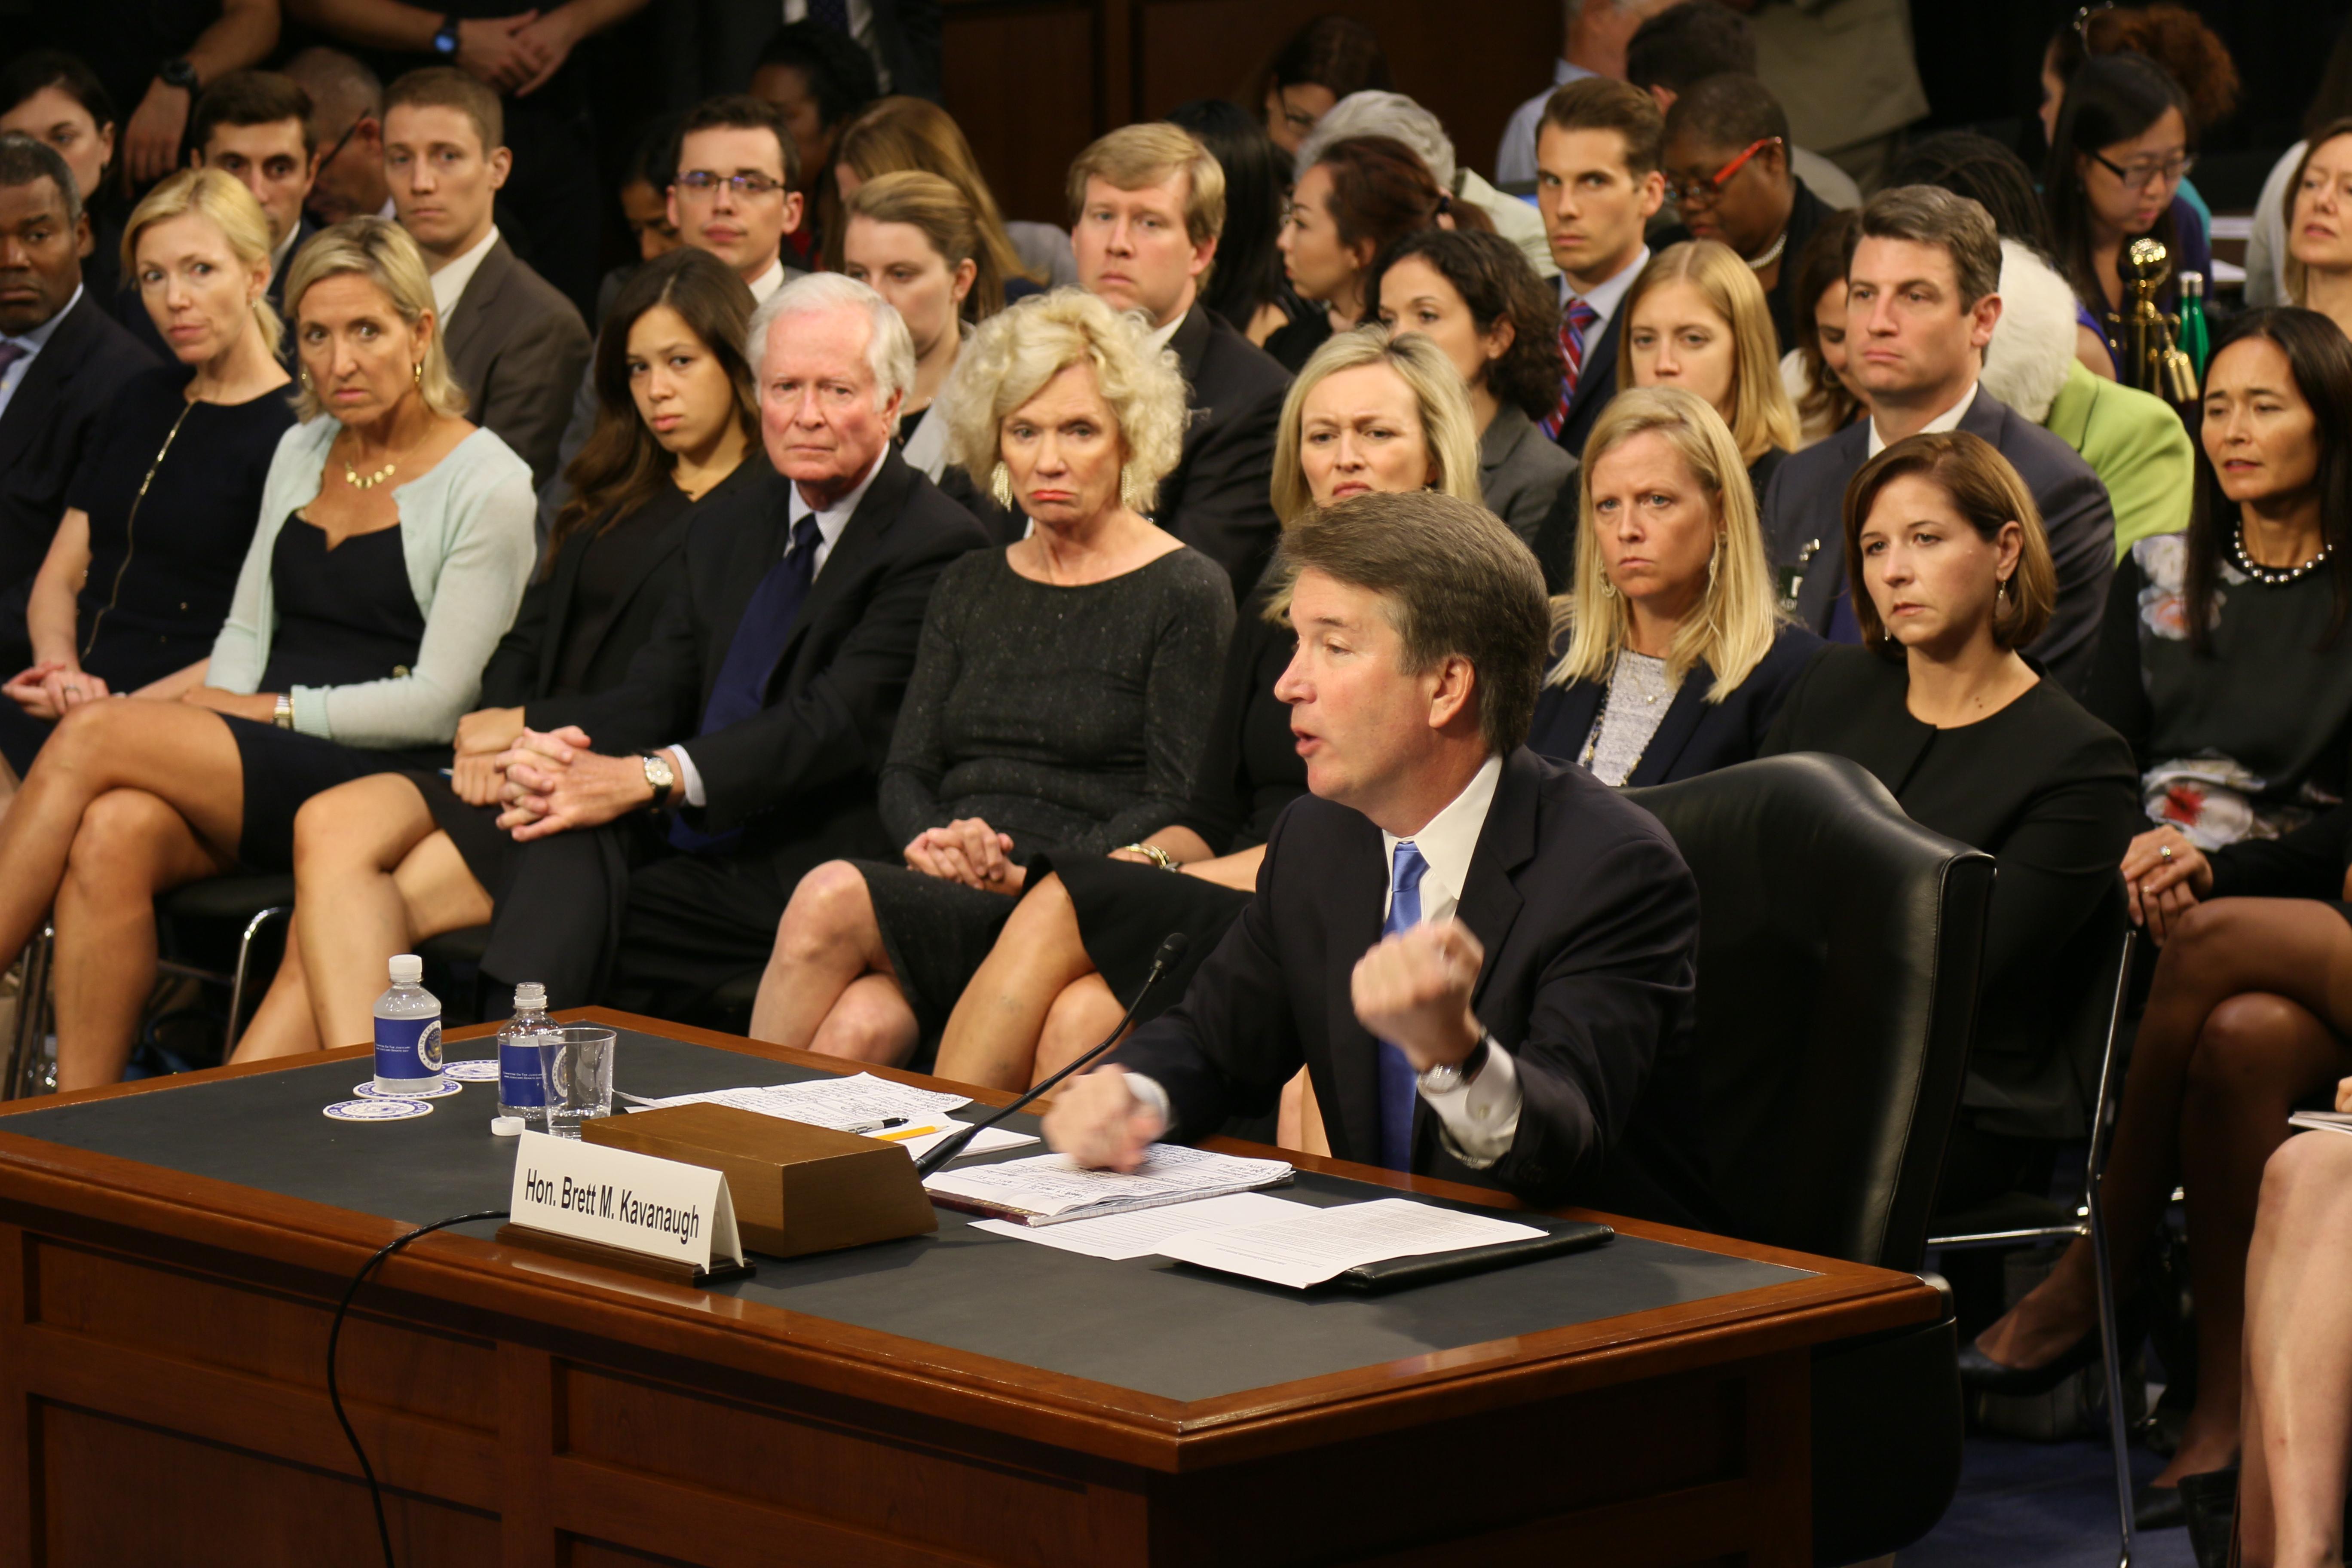 Juez Brett Kavanaugh durante la auddiencia de confirmación a la Suprema Corte de Justicia en el Comité Judicial del Senado. Foto: JLZ